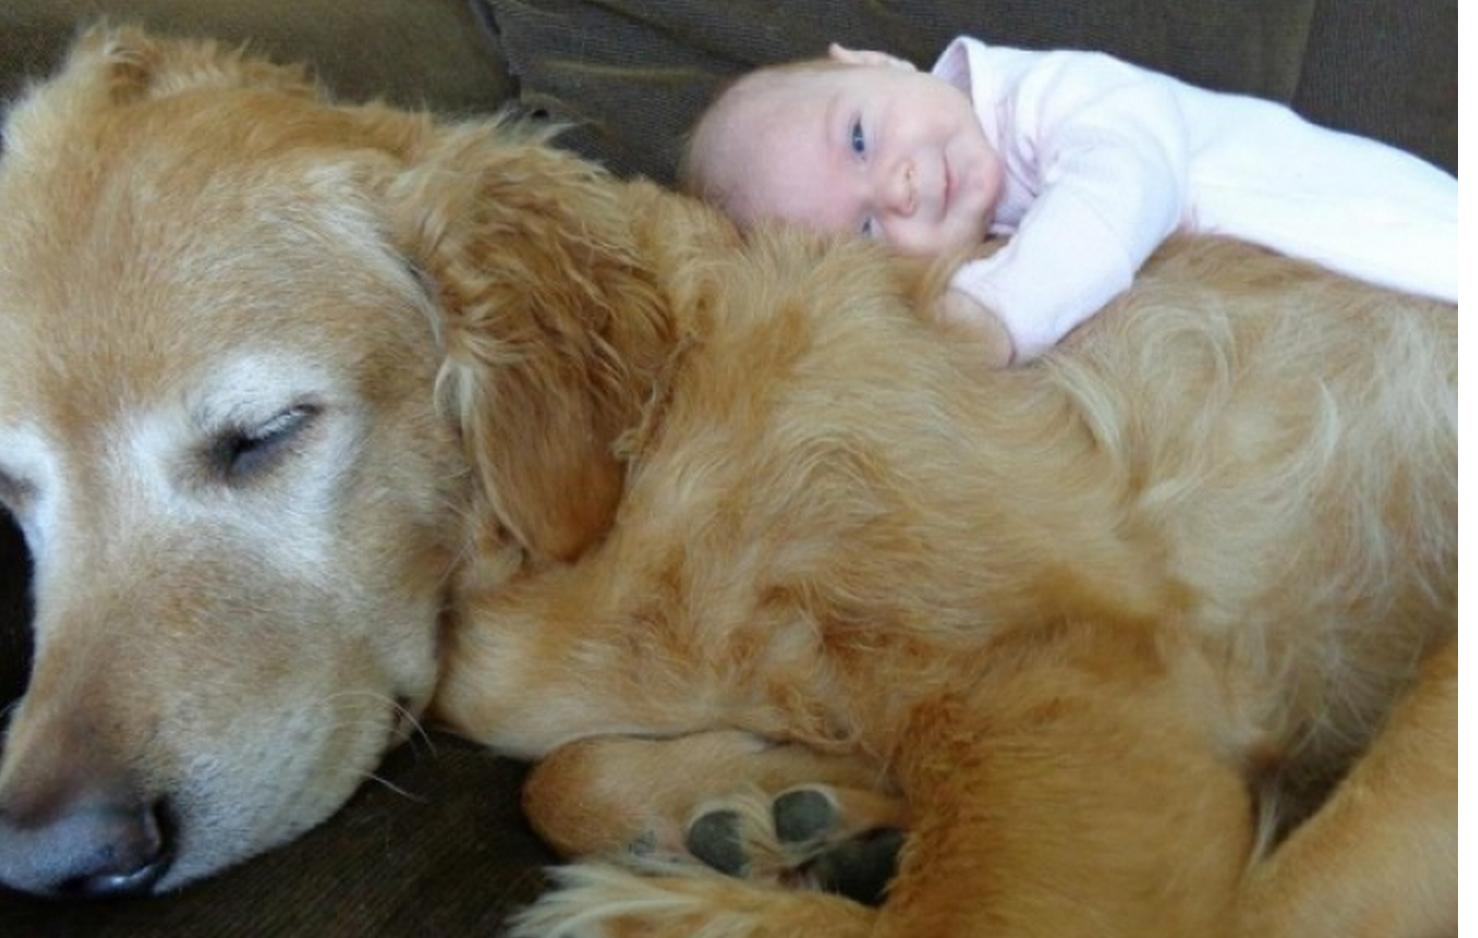 Les chiens de grande taille sont souvent choisis pour leur aspect dissuasif et leur capacité à sécuriser la maison et la famille. Mais ce sont aussi des animaux d'une très grande tendresse, notamment vis-à-vis des enfants.